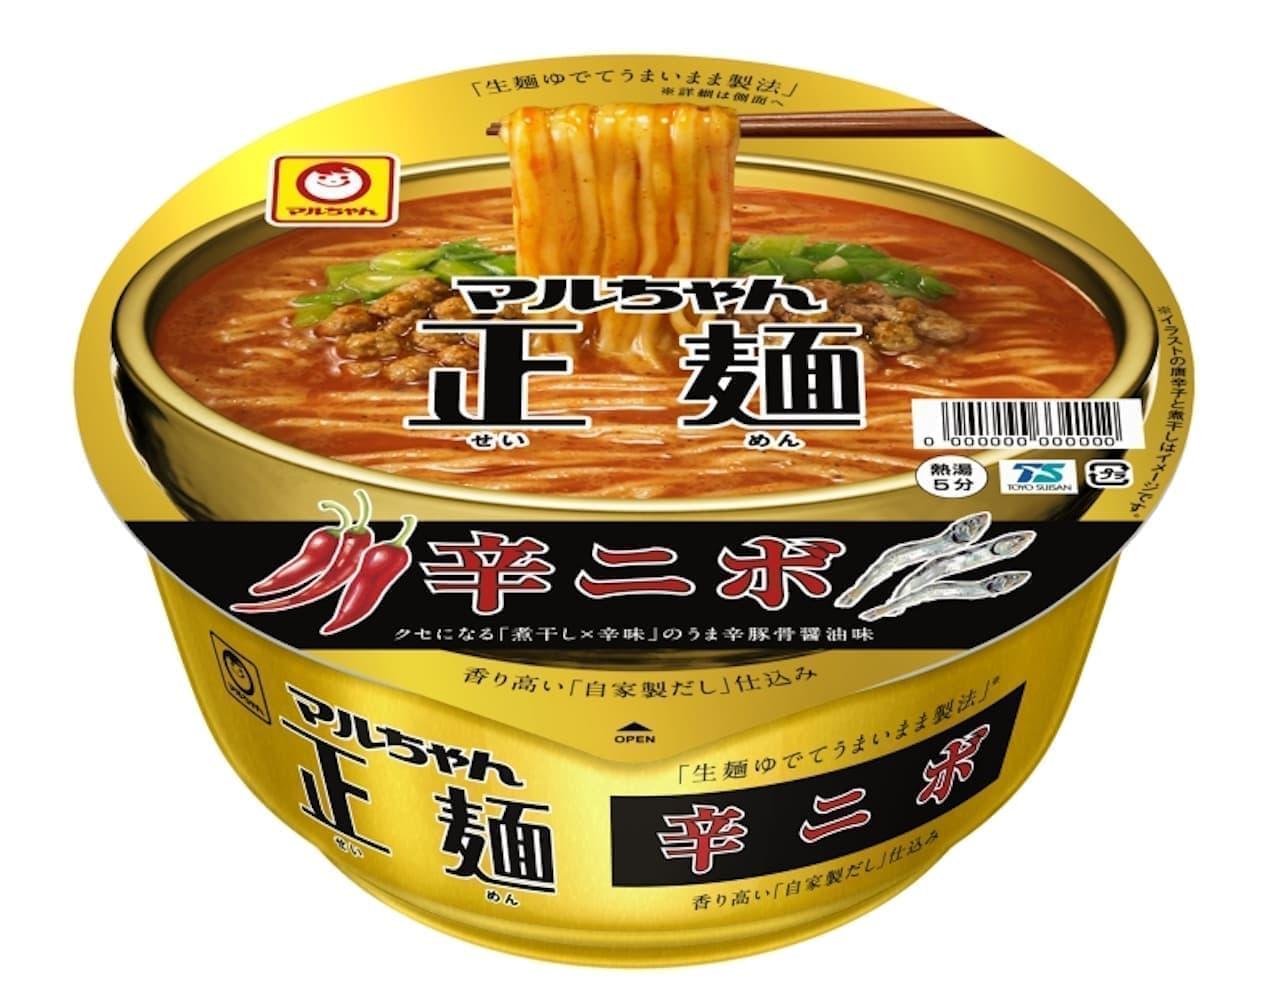 新作「マルちゃん正麺 カップ 辛ニボ」